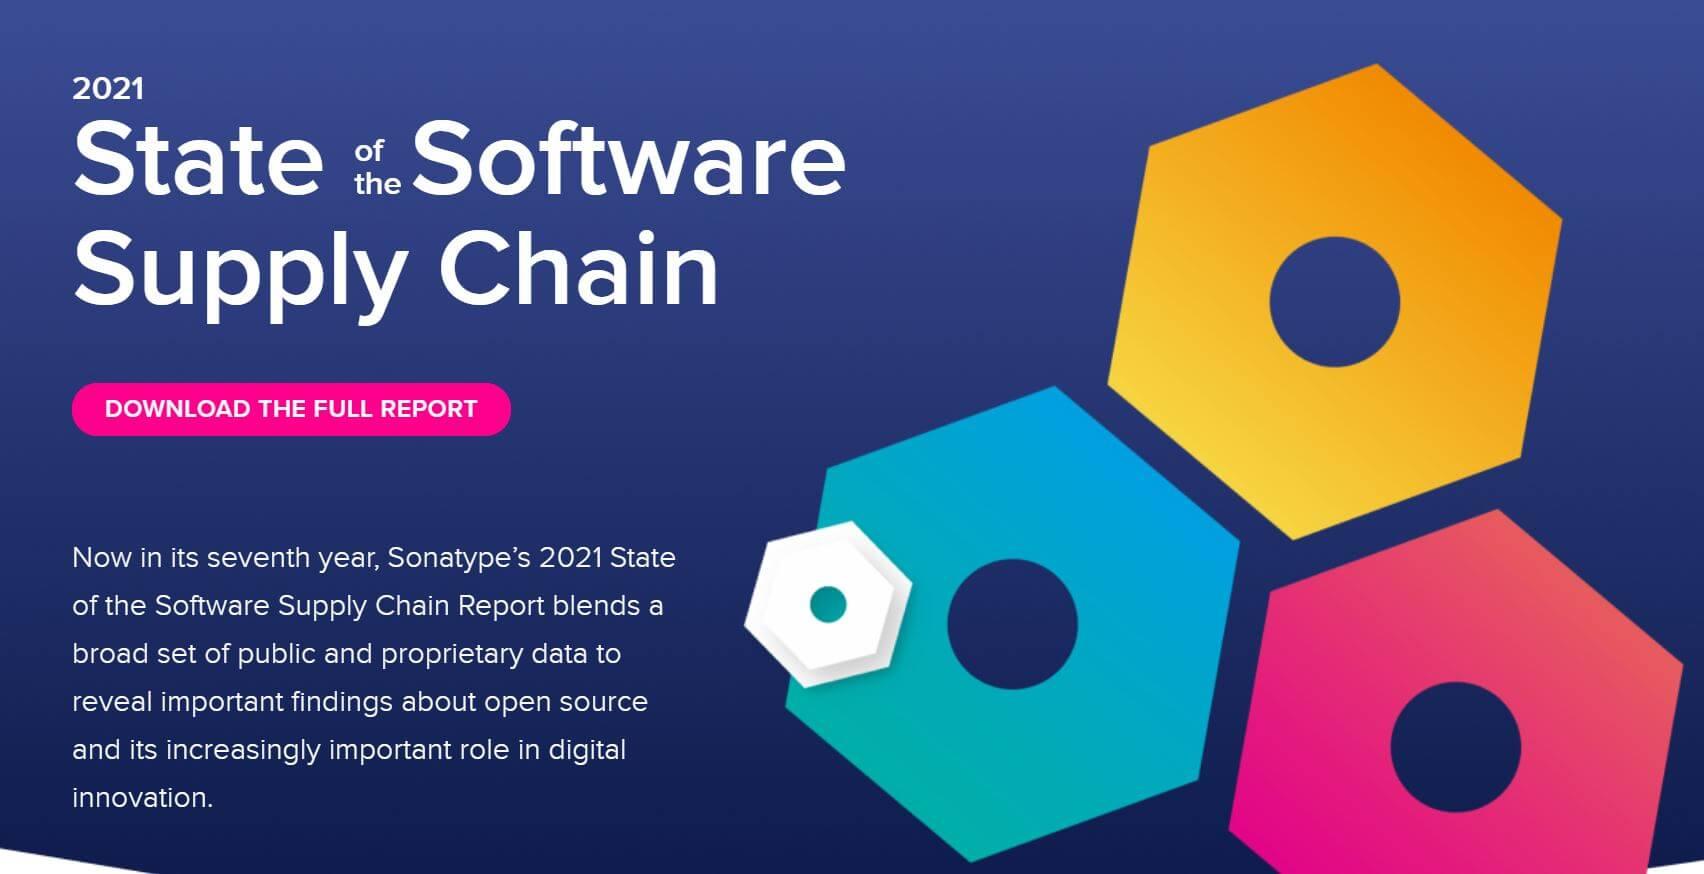 Estado de la Cadena de suministro de software 2021